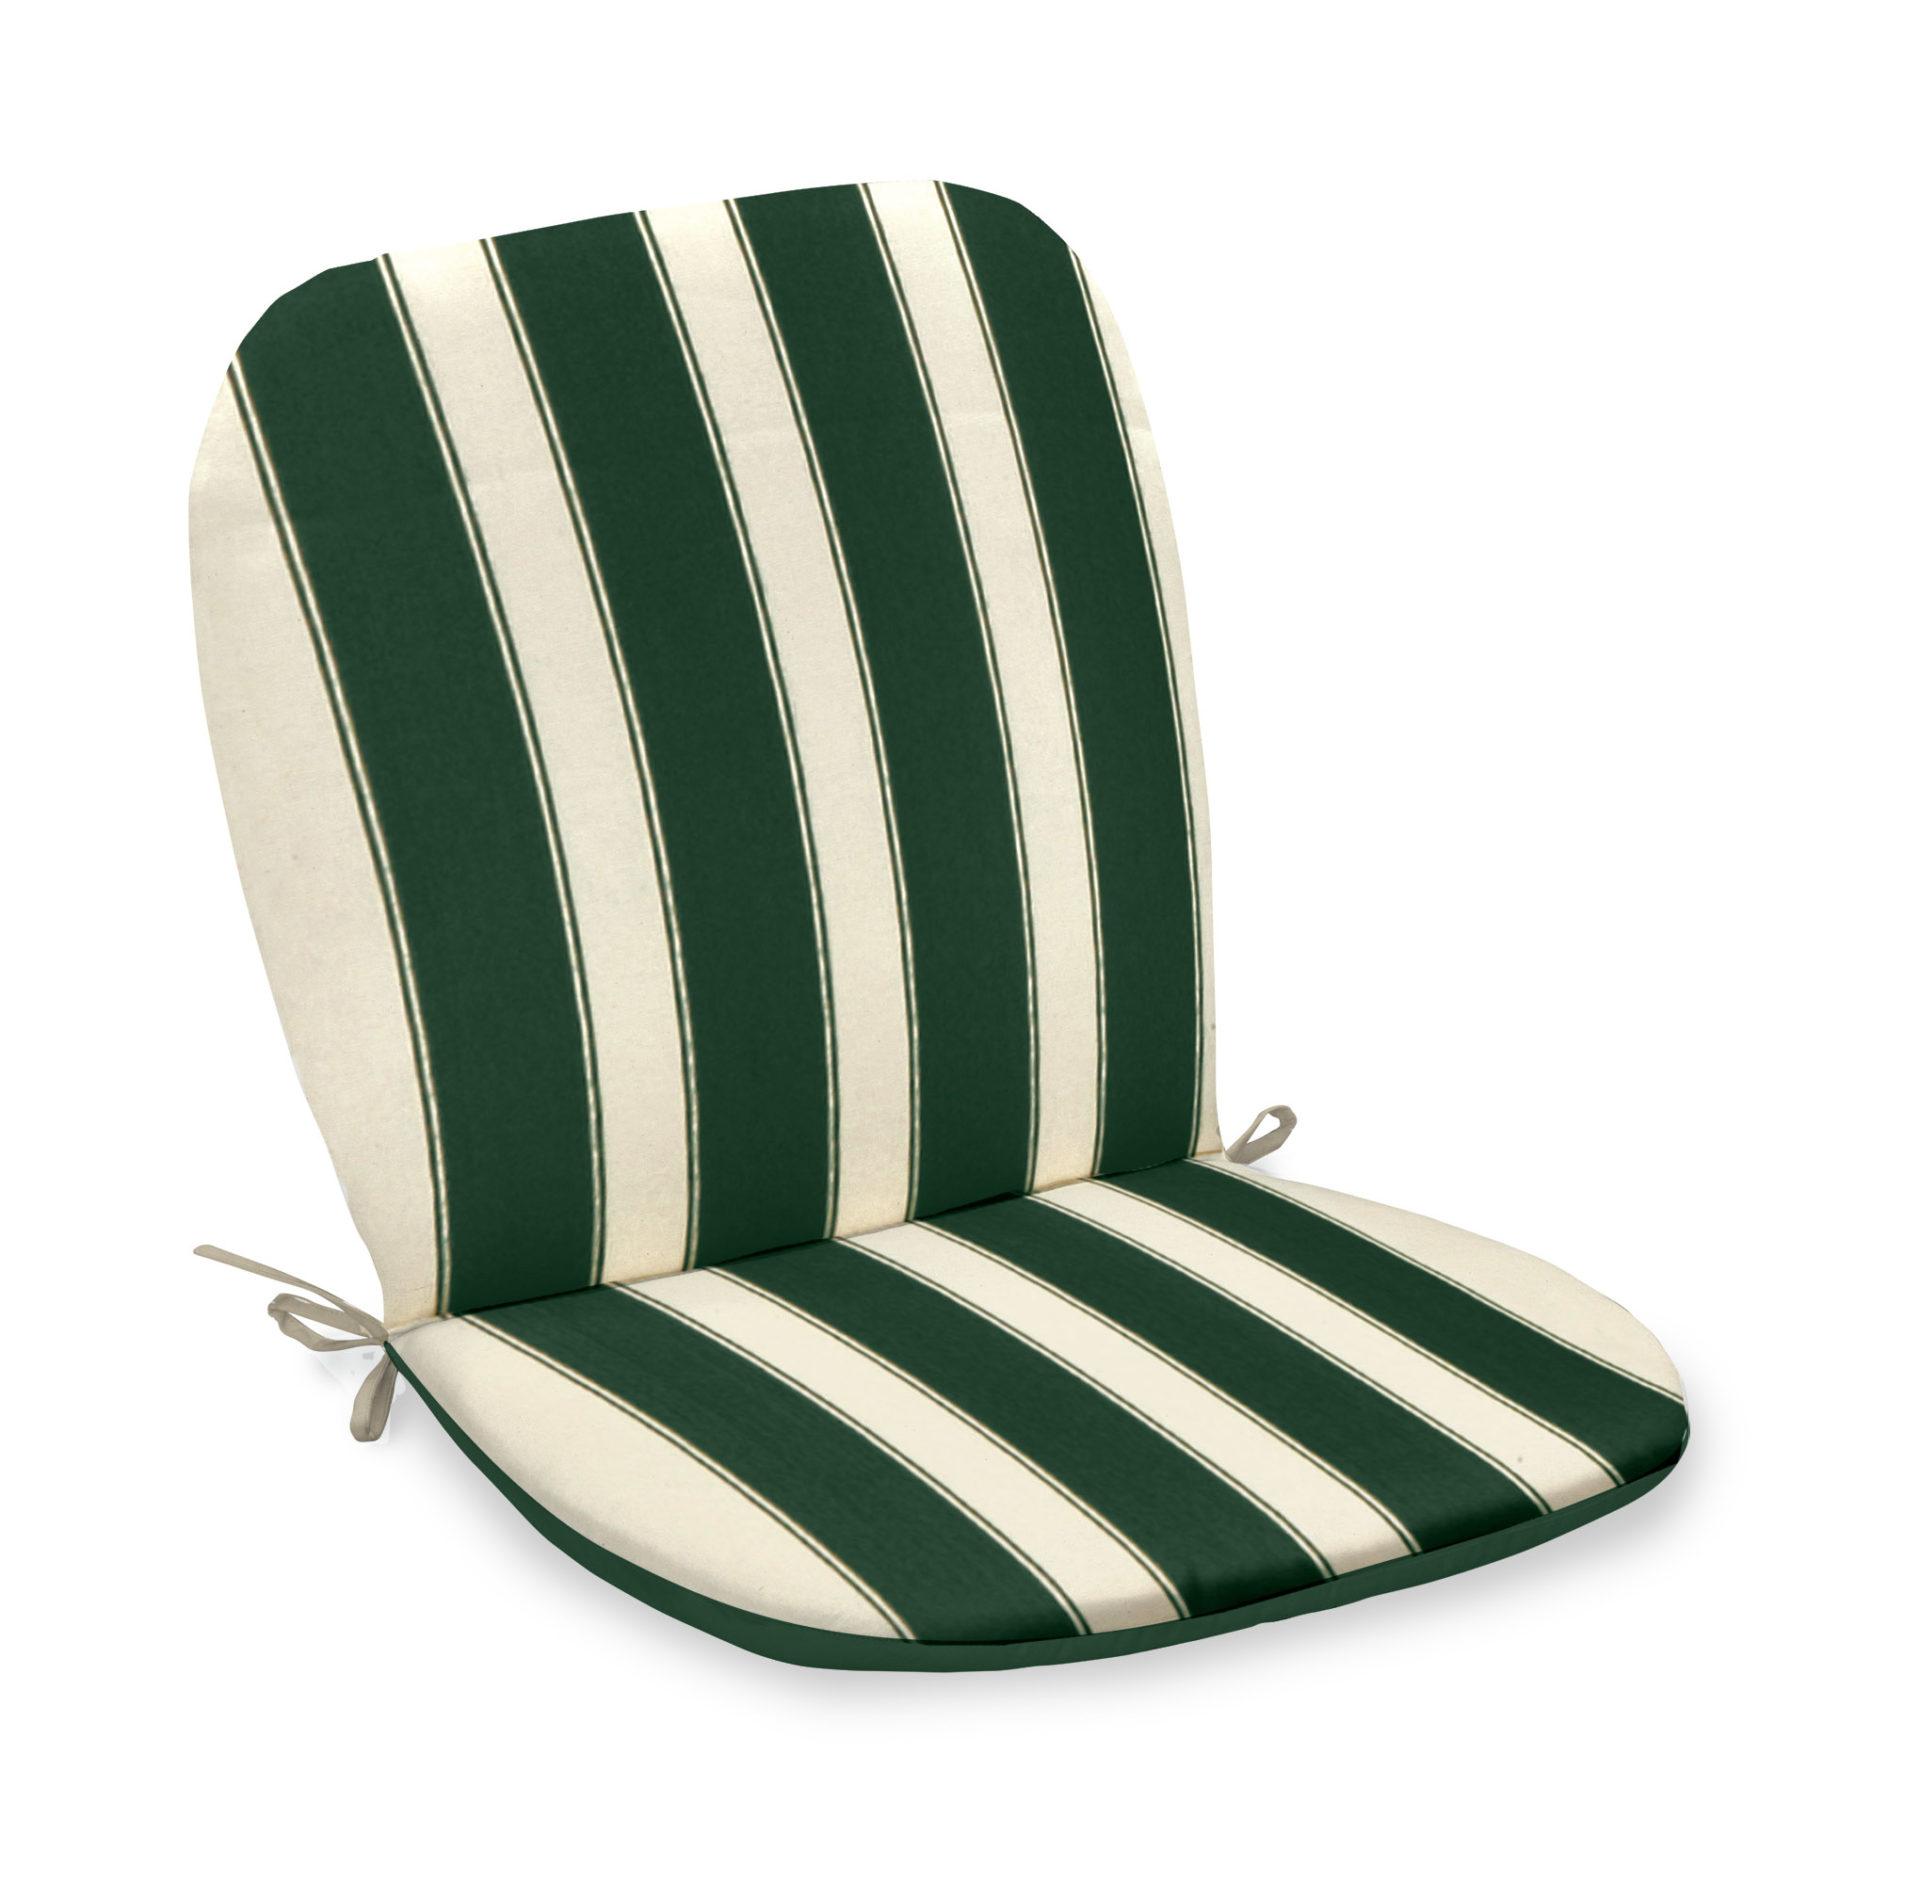 Cuscini Idrorepellenti Per Esterno cuscino per poltrona monoblocco righe verdi re garden